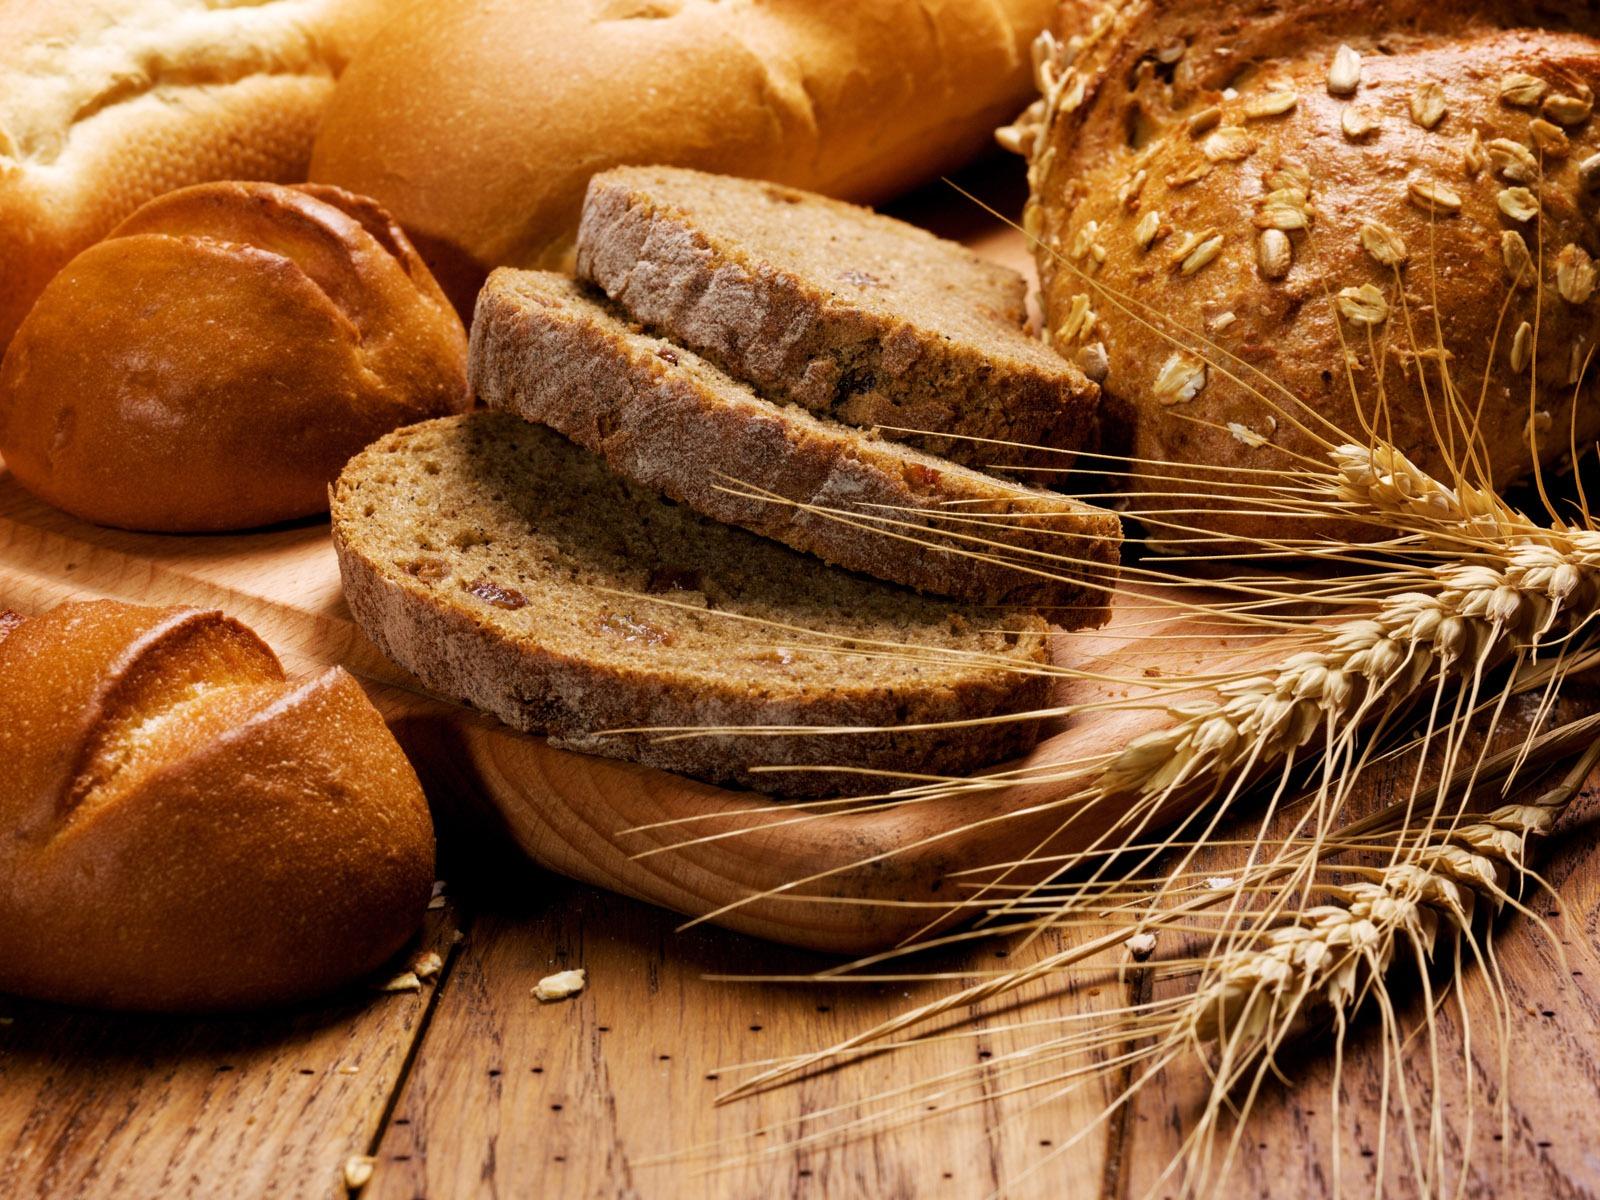 El consumo de pan en nuestra dieta